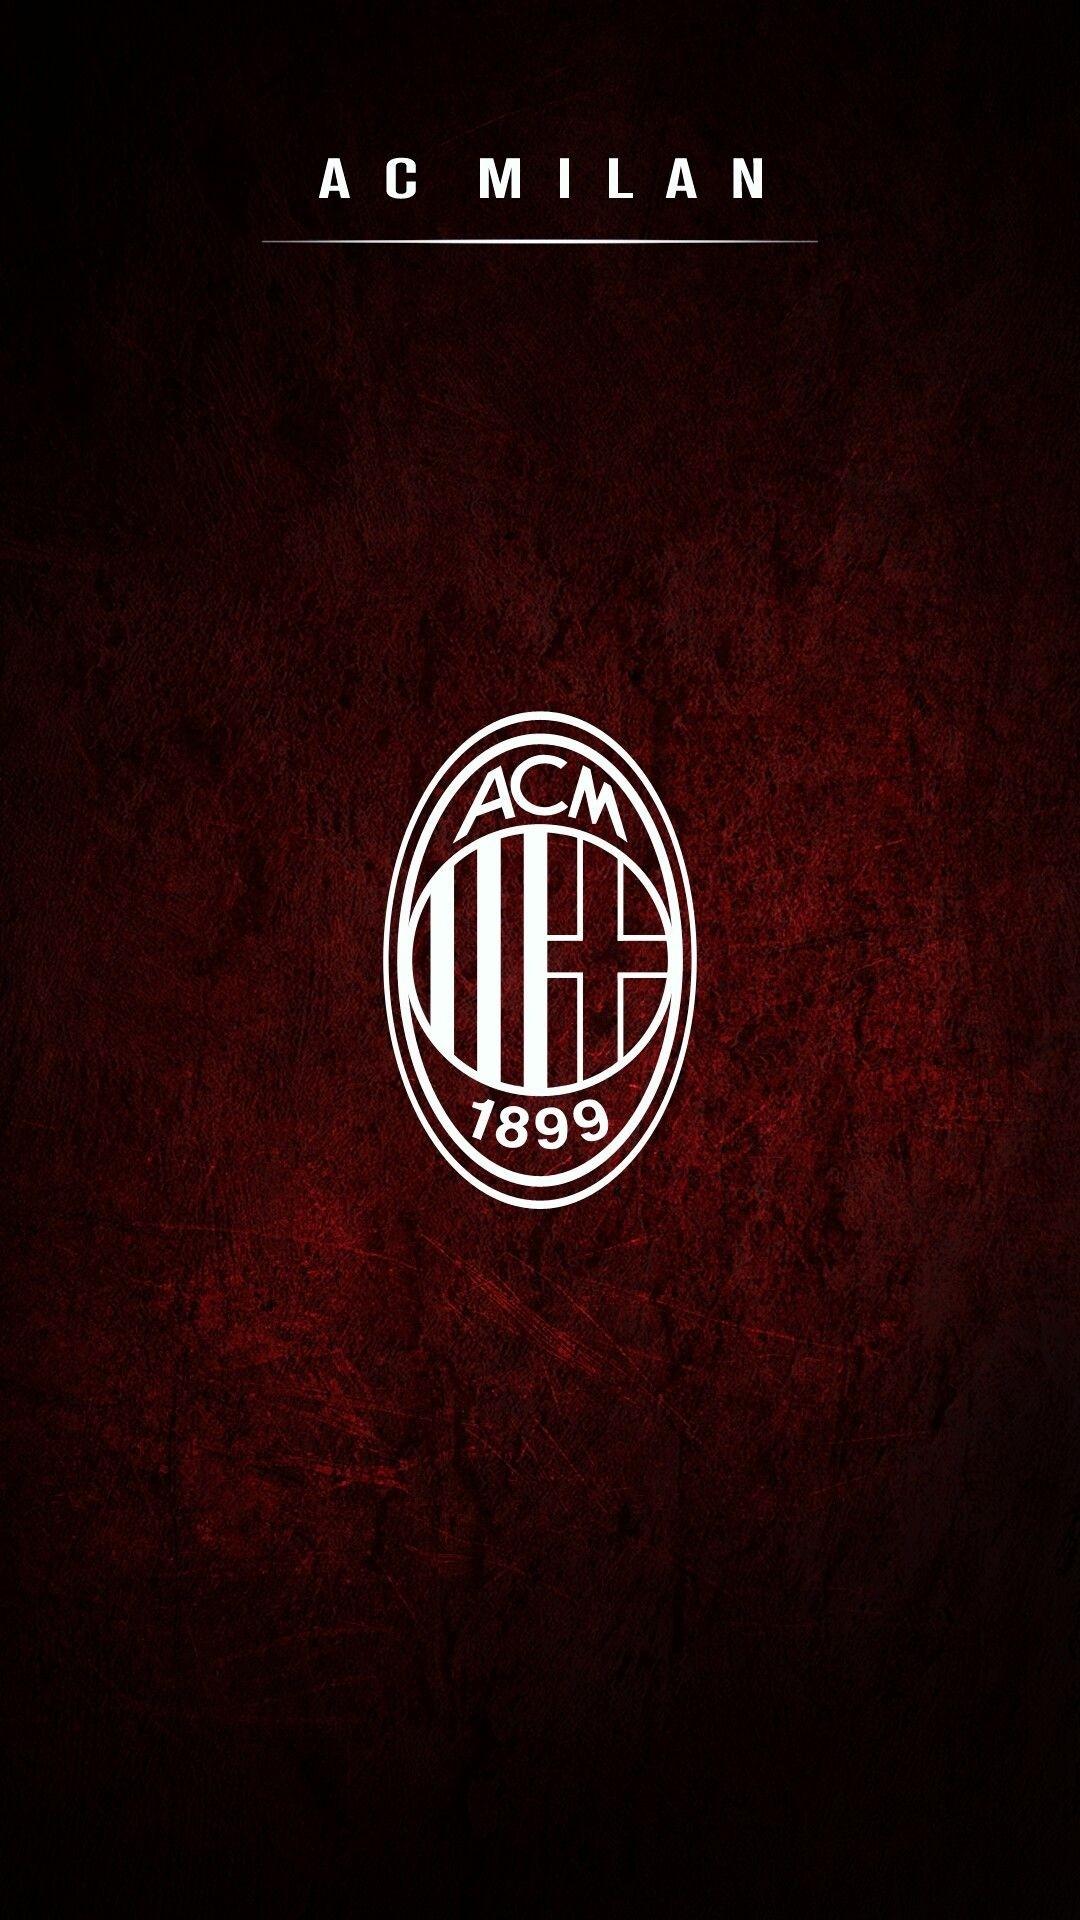 Logo Ac Milan Wallpaper 2018 (70+ images)